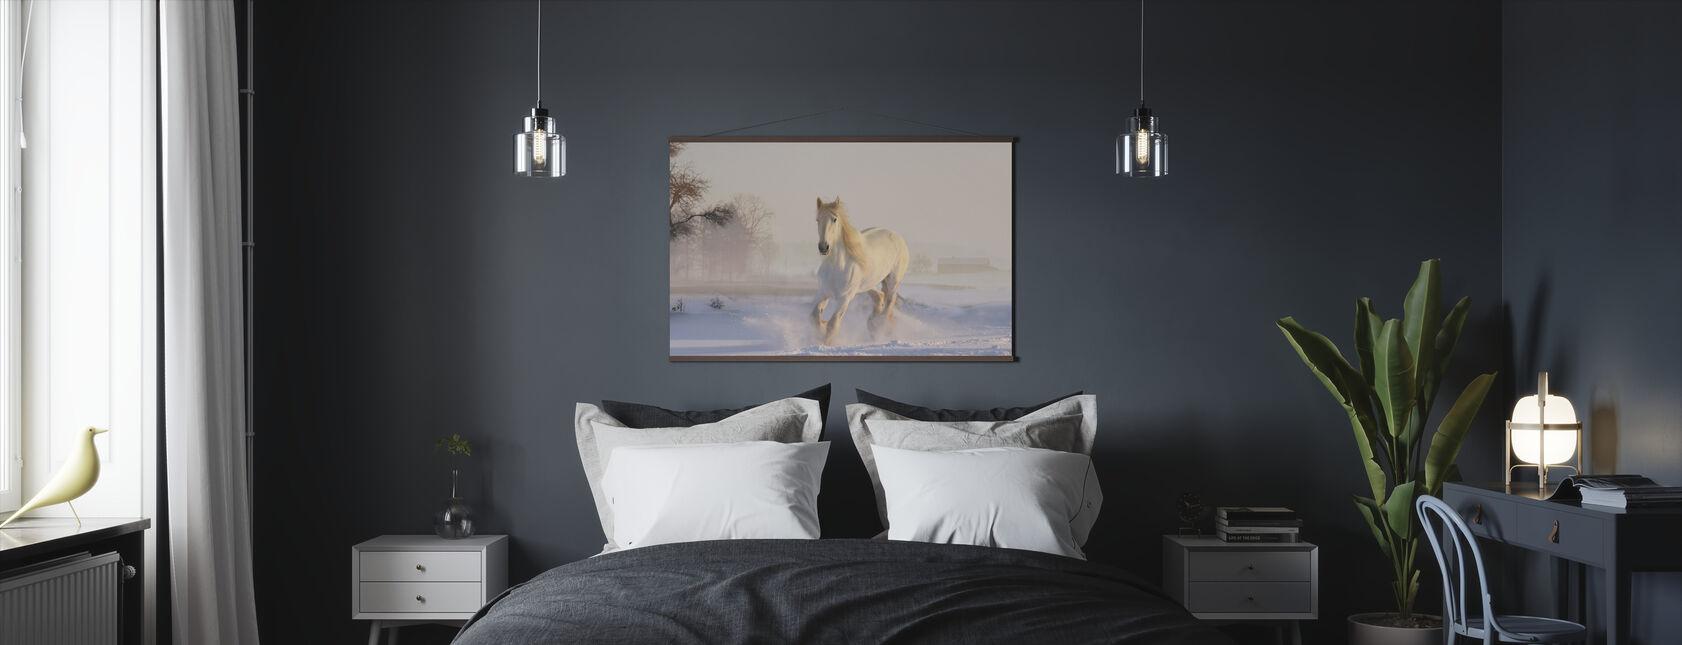 White Horse - Poster - Bedroom